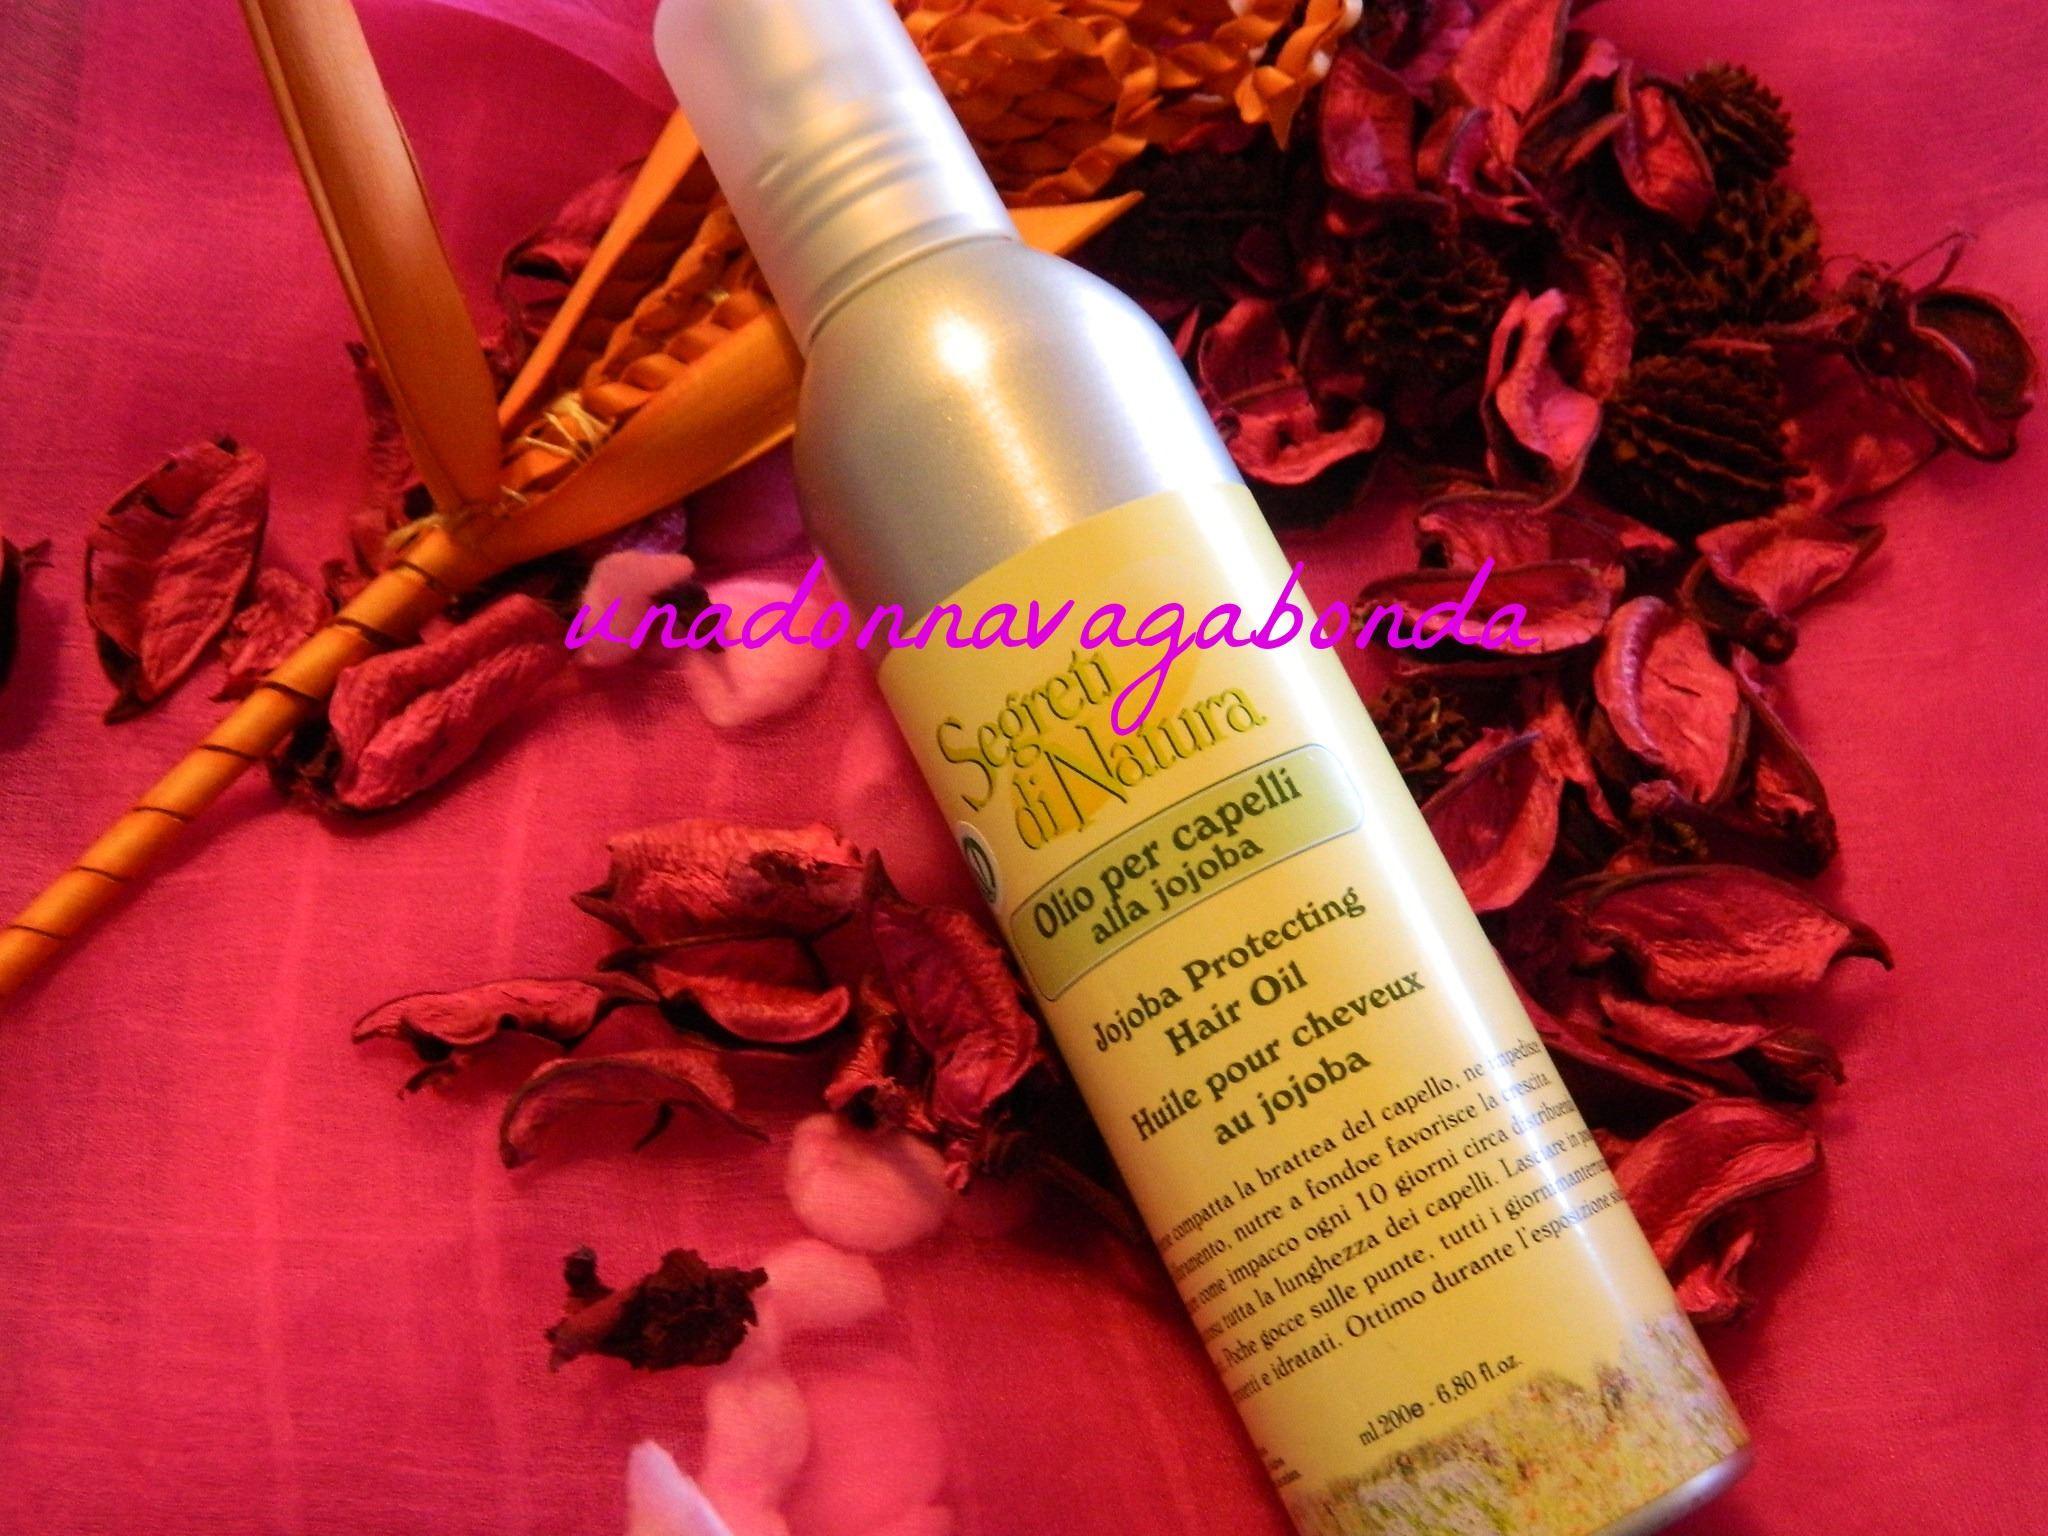 Segreti di natura olio per capelli alla jojoba 200ml